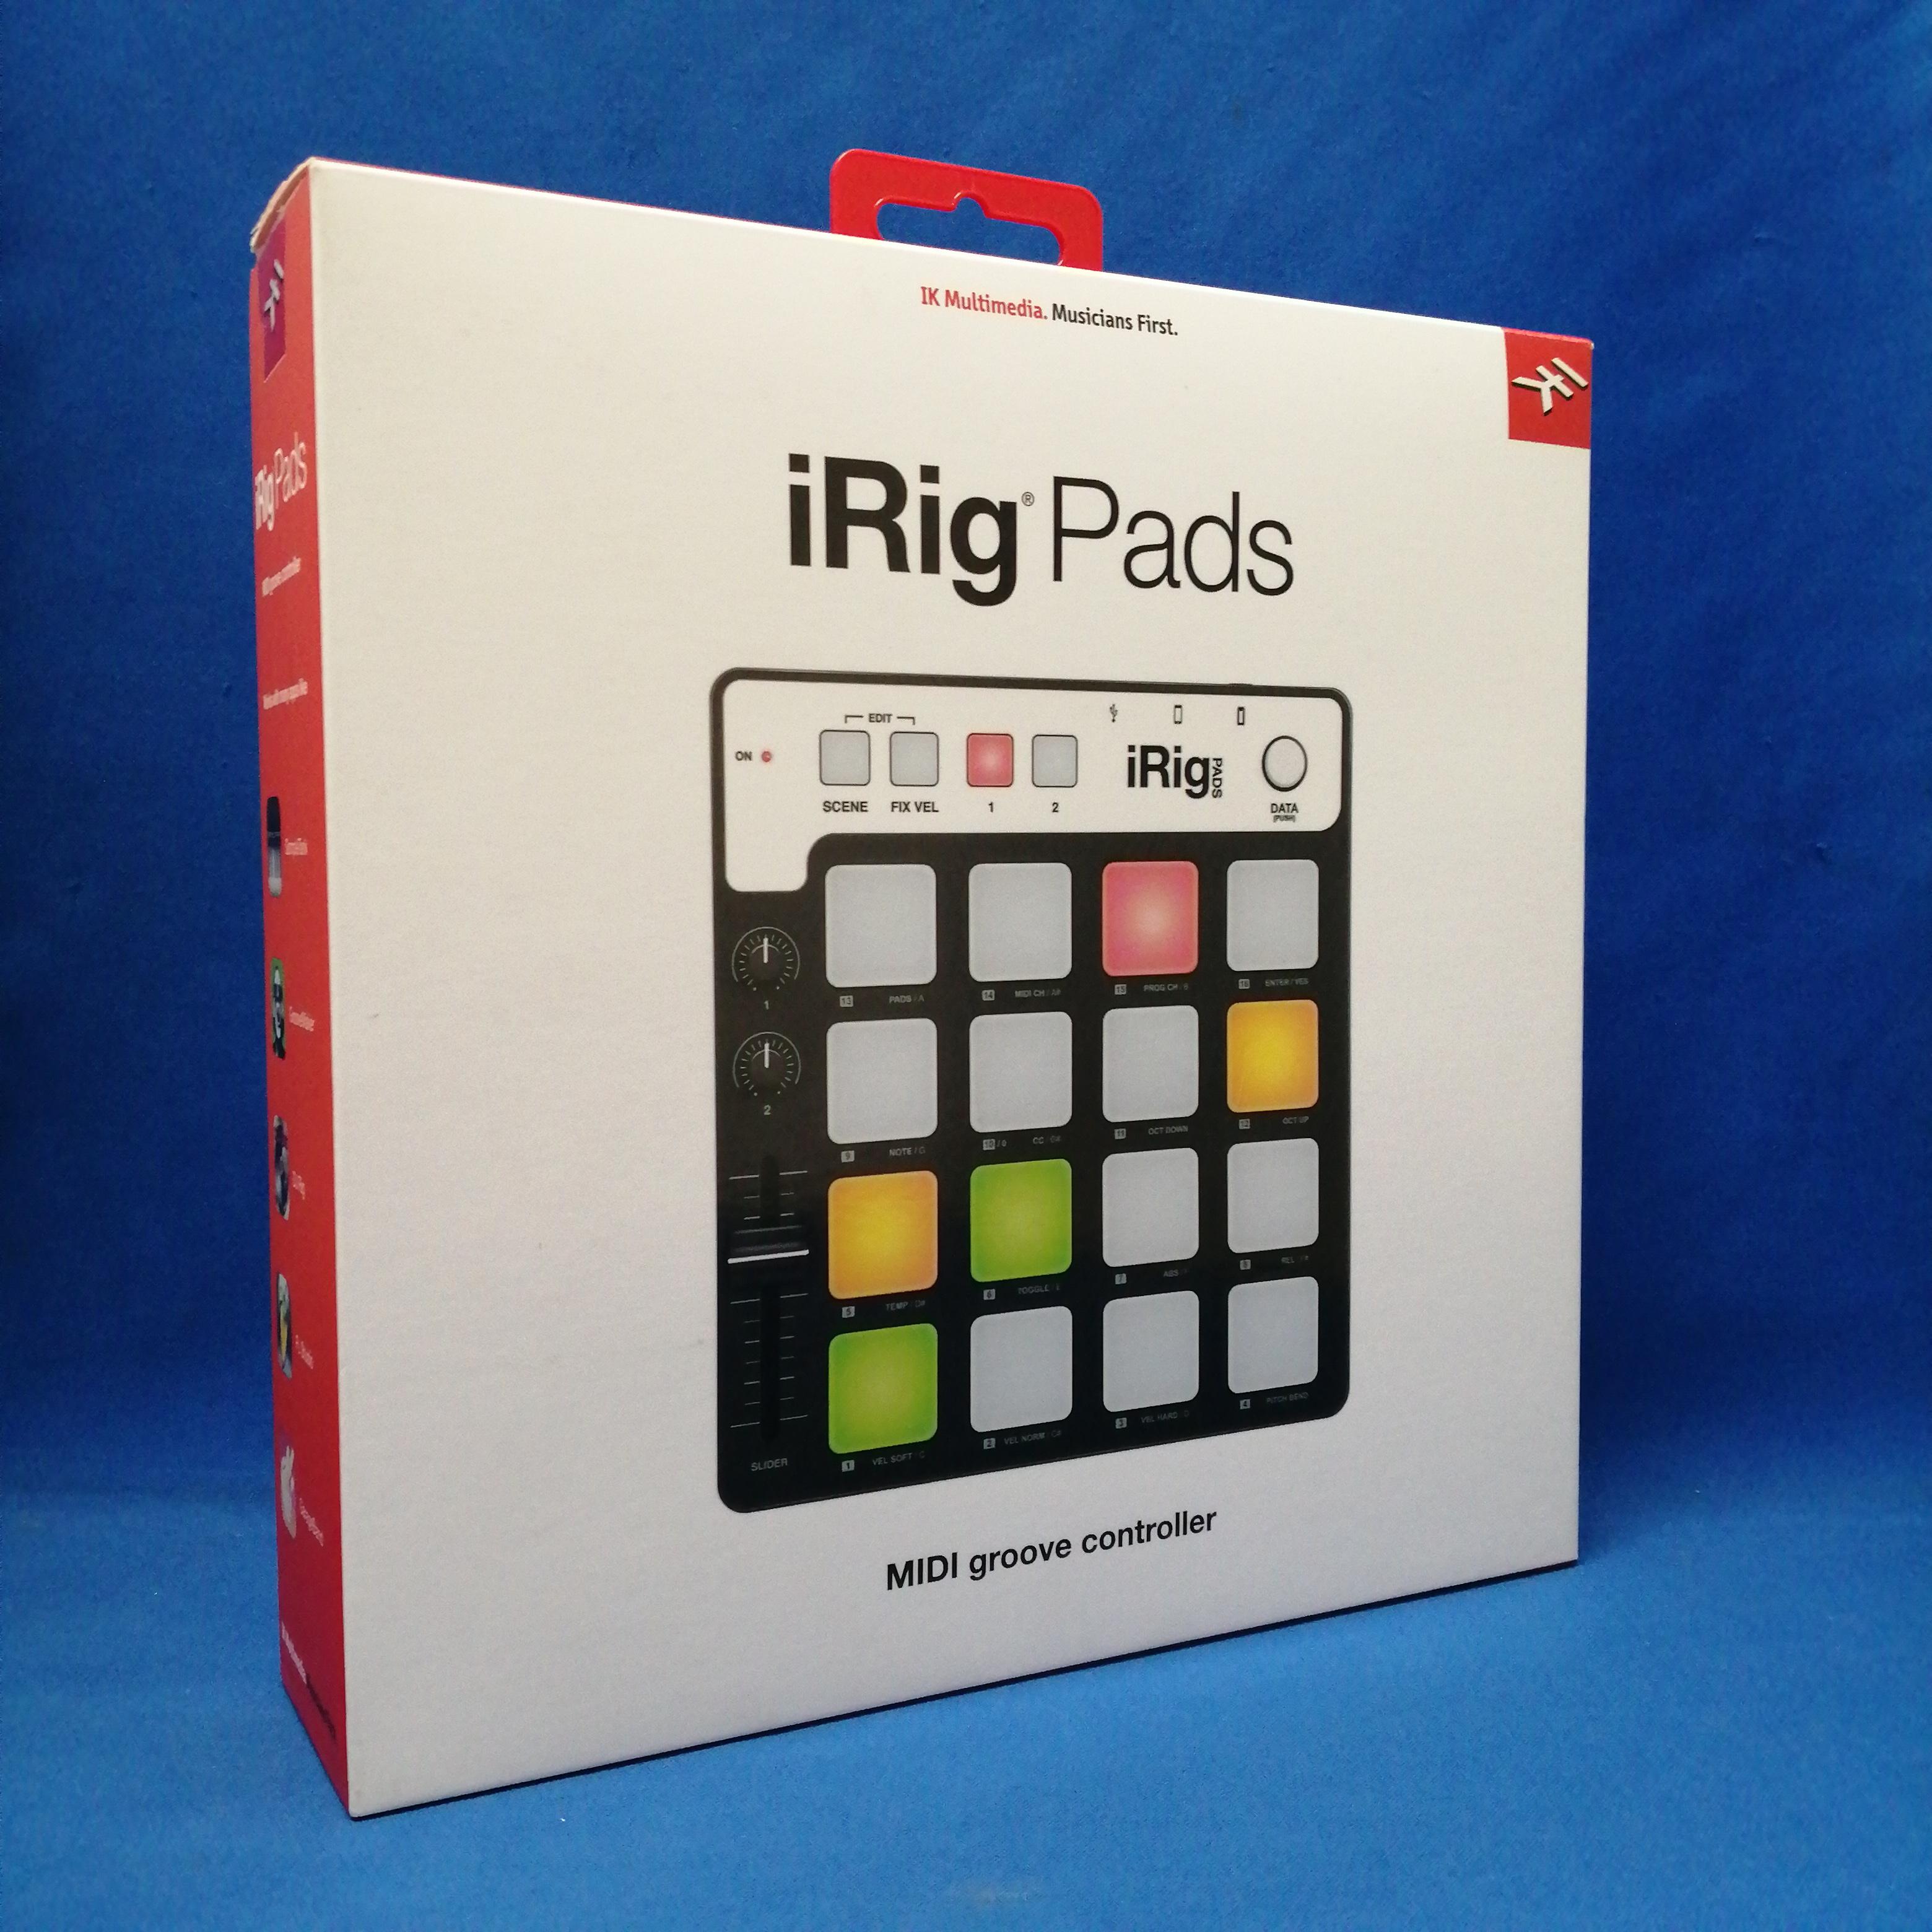 IRIG PADS/IKM-OT-000039/MIDIコン|IK MULTIMEDIA